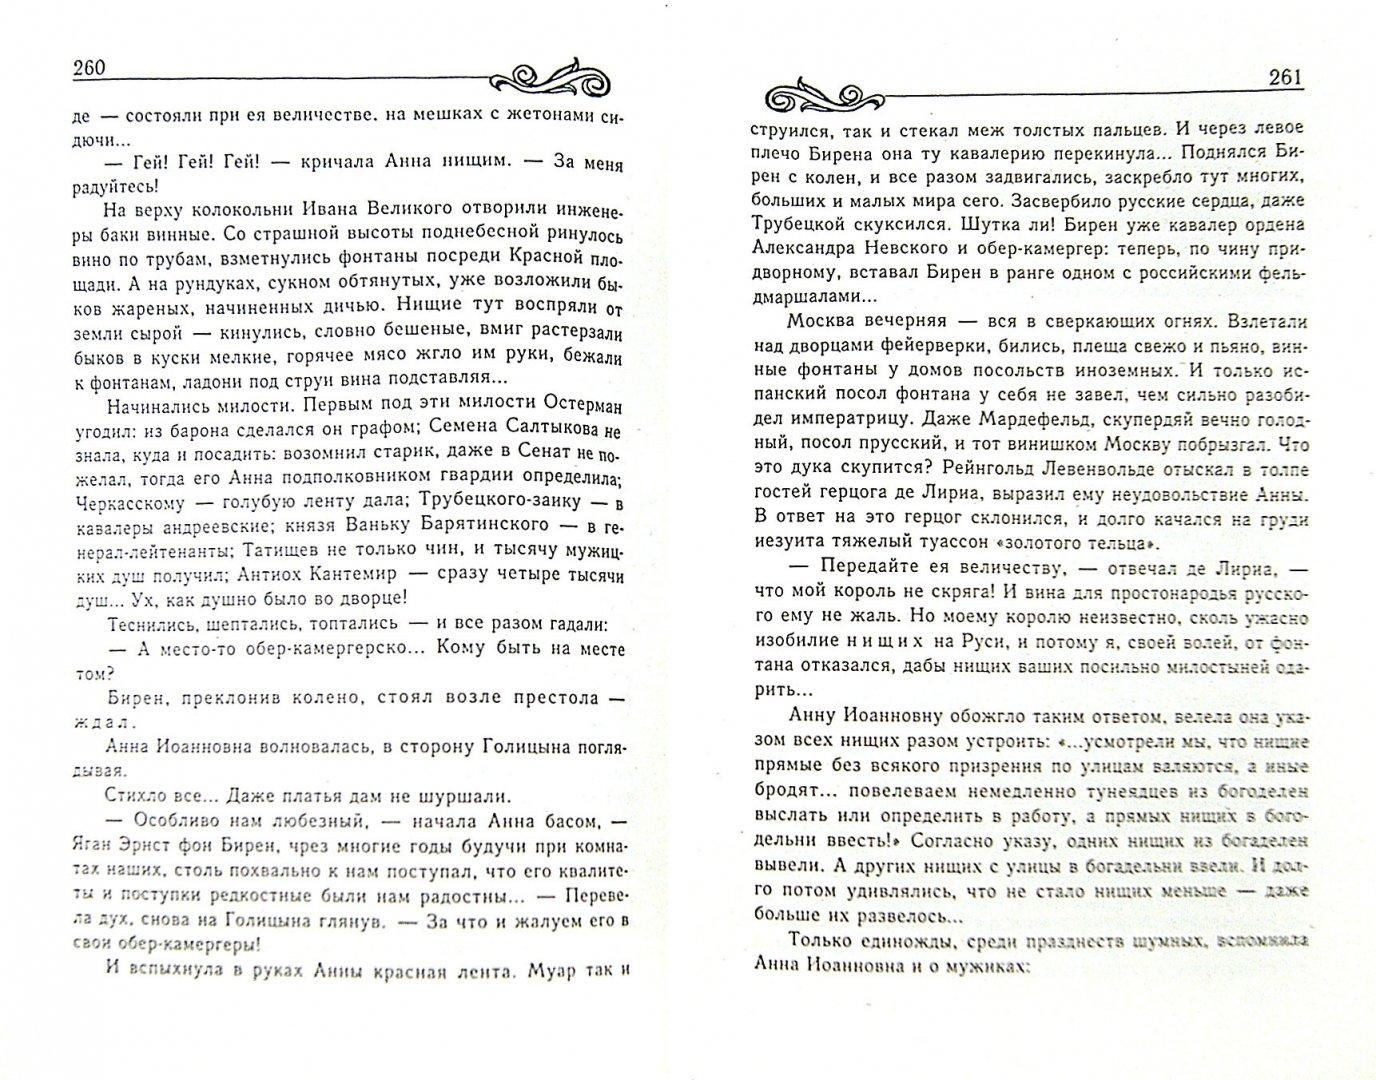 Иллюстрация 1 из 16 для Слово и дело. В 2-х книгах. Книга 1. Царица престрашного зраку - Валентин Пикуль   Лабиринт - книги. Источник: Лабиринт